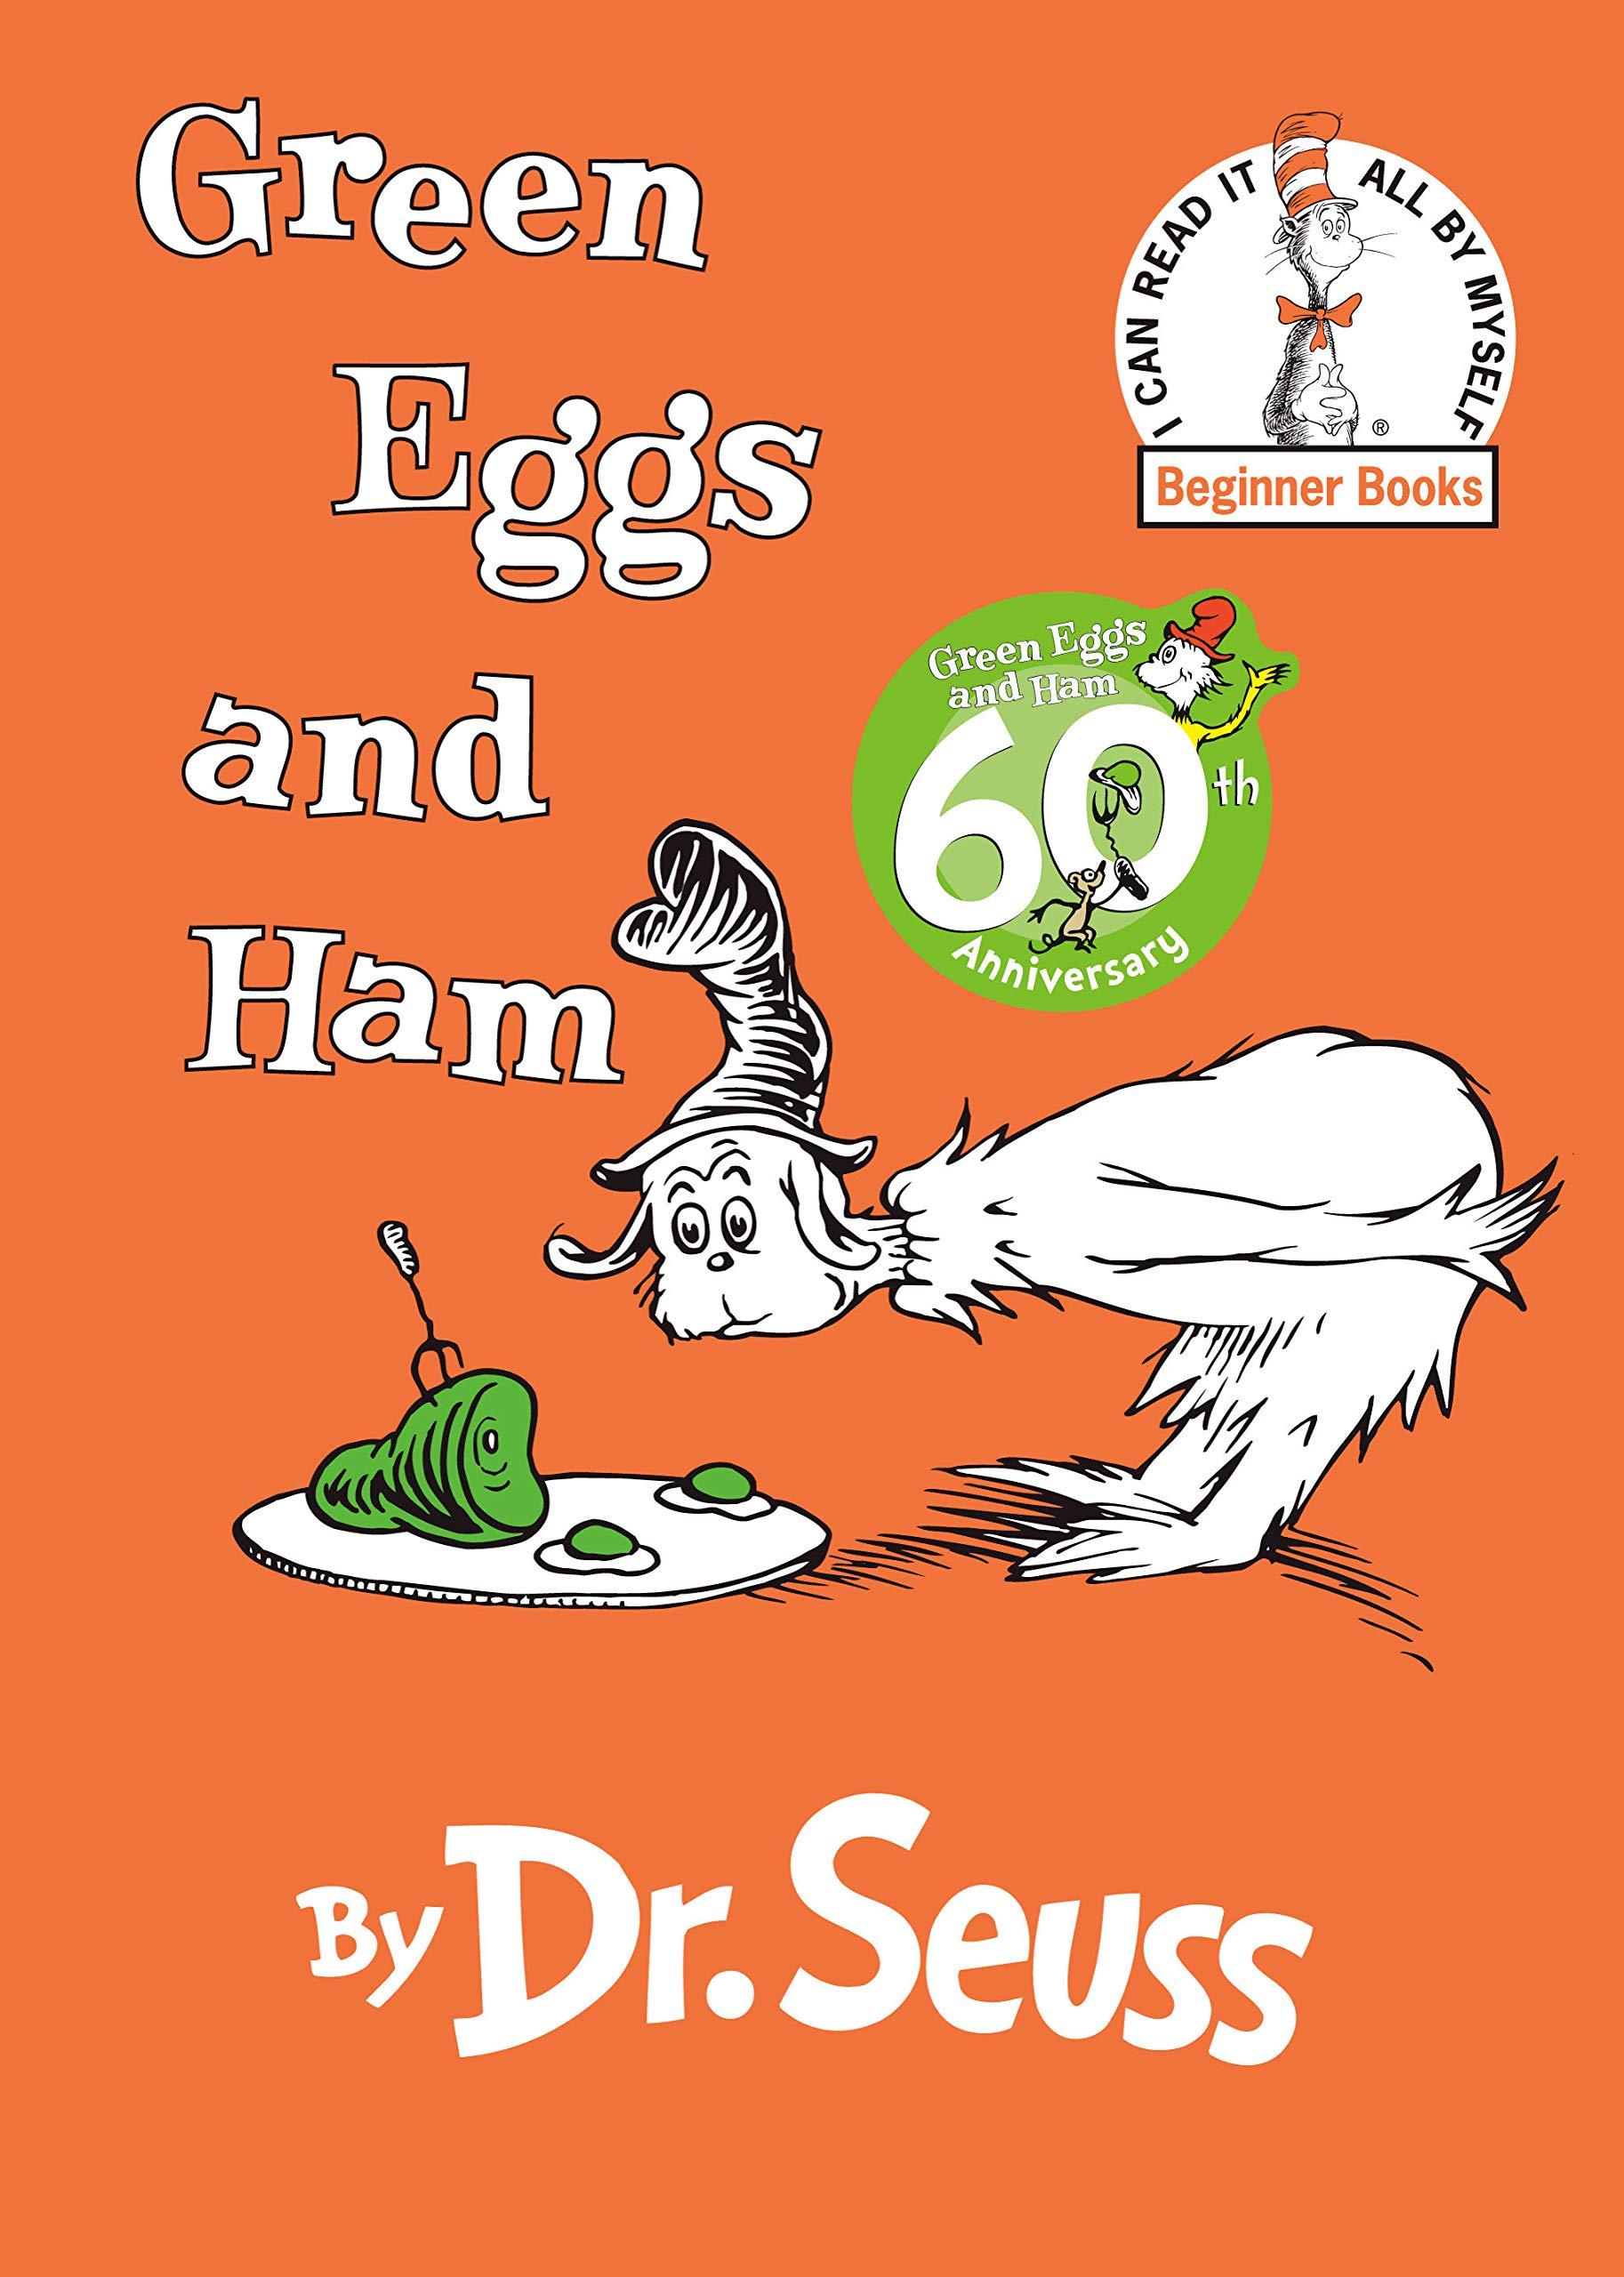 Amazon Com Green Eggs And Ham 0079808800167 Dr Seuss Books